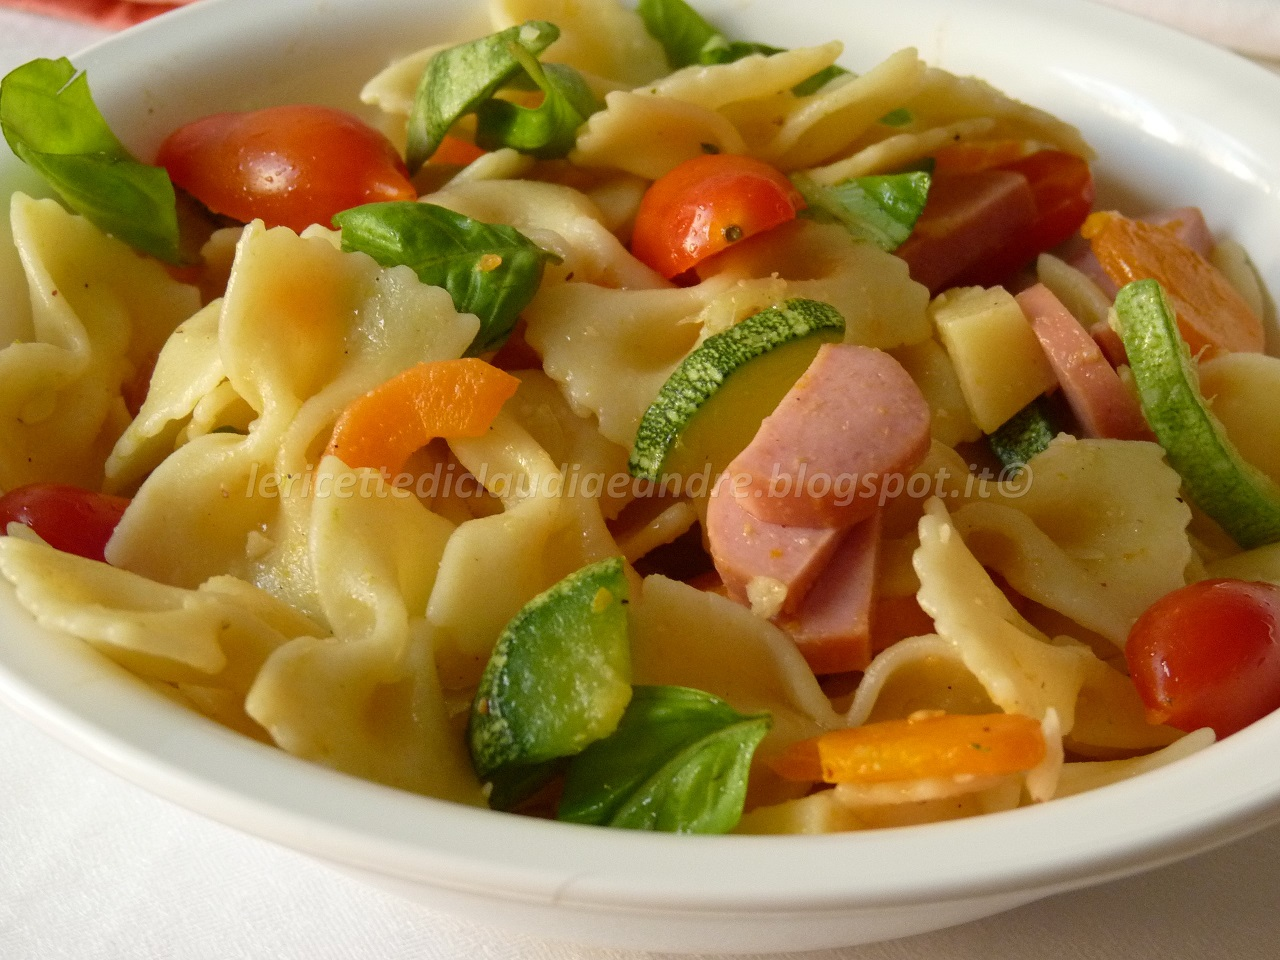 Ricetta pasta fredda ai wurstel